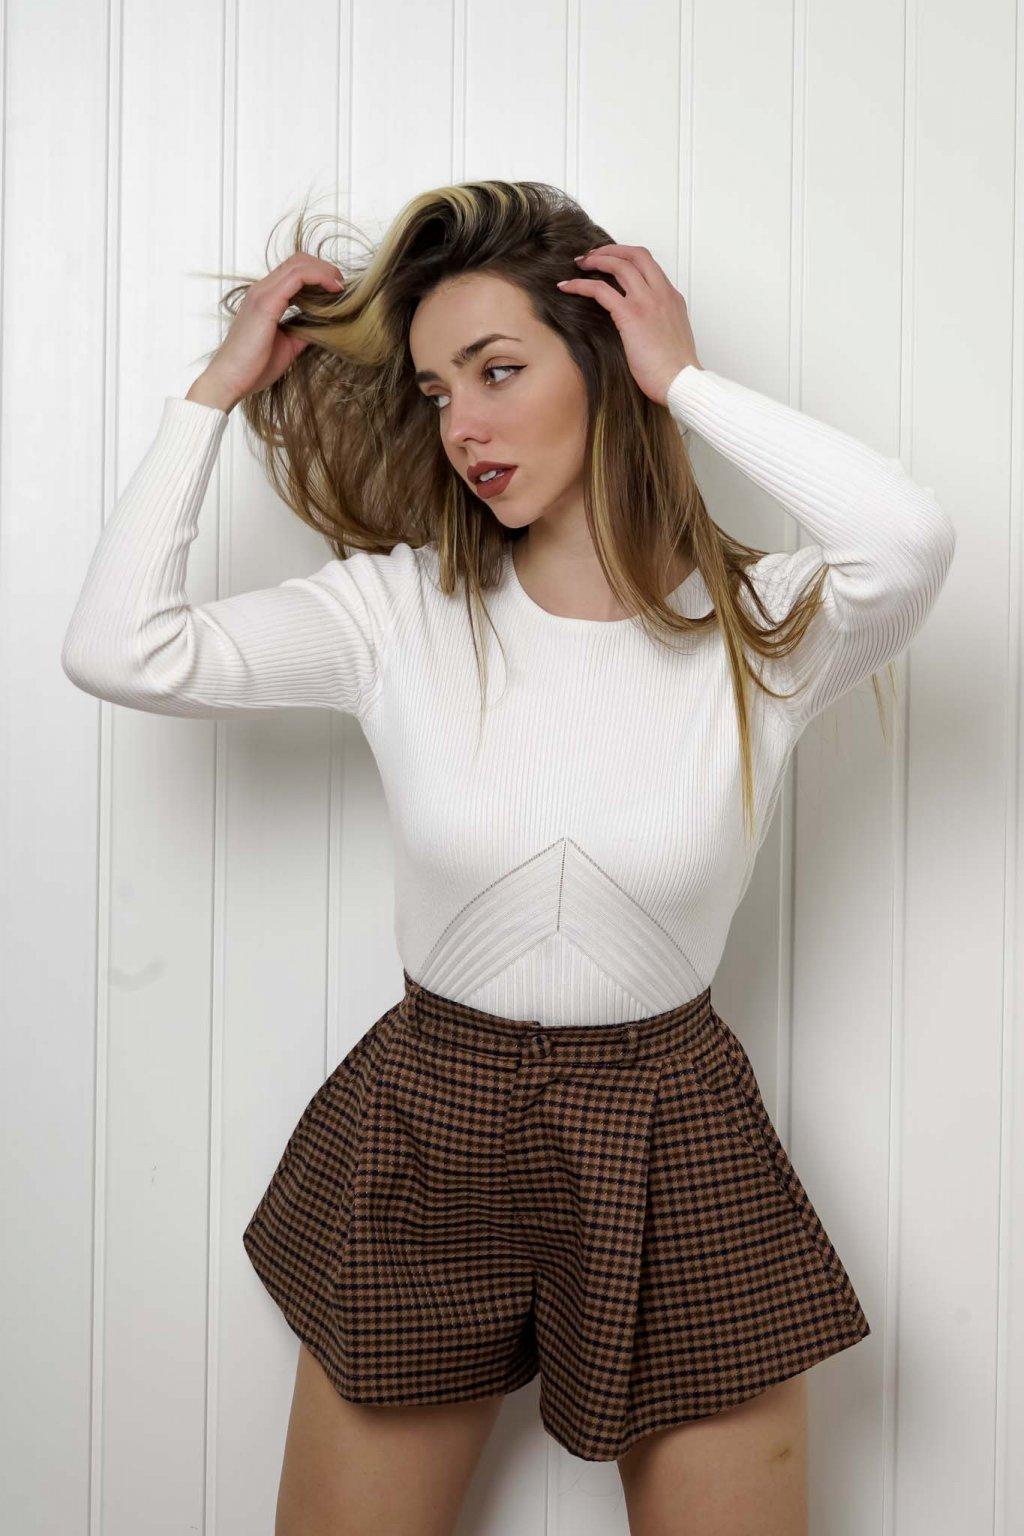 sveter, svetrík, sveter dámsky, úplet, úpletový sveter, jednoduchý sveter, v výstríh, štýlový, chlpatý,vzorovaný, srdiečkový, čierny, biely, farebný, 112